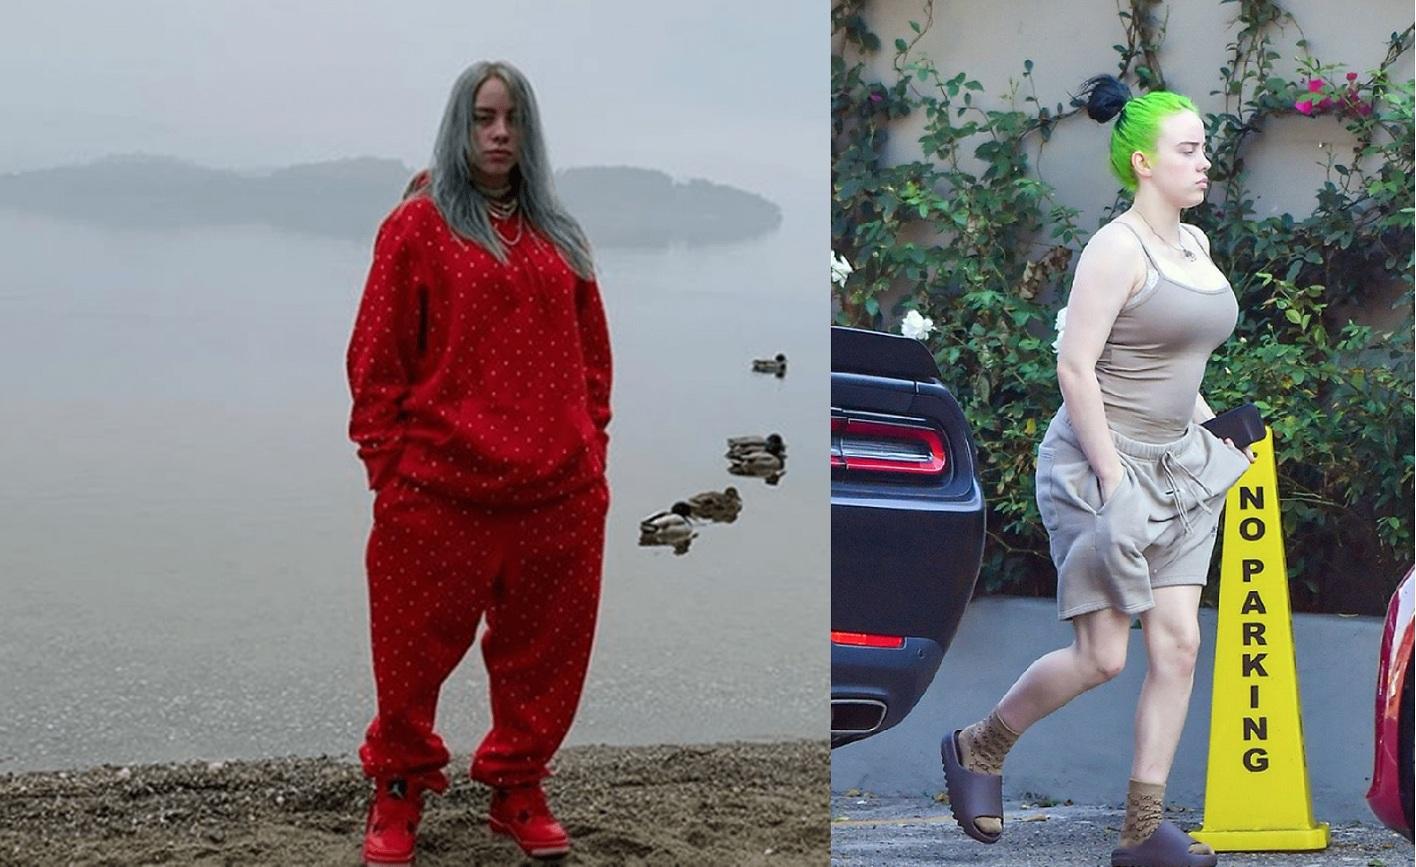 Billie Eilish dejó atrás la ropa holgada y se animó a usar ropa ajustada. Ahora luce sus curvas.